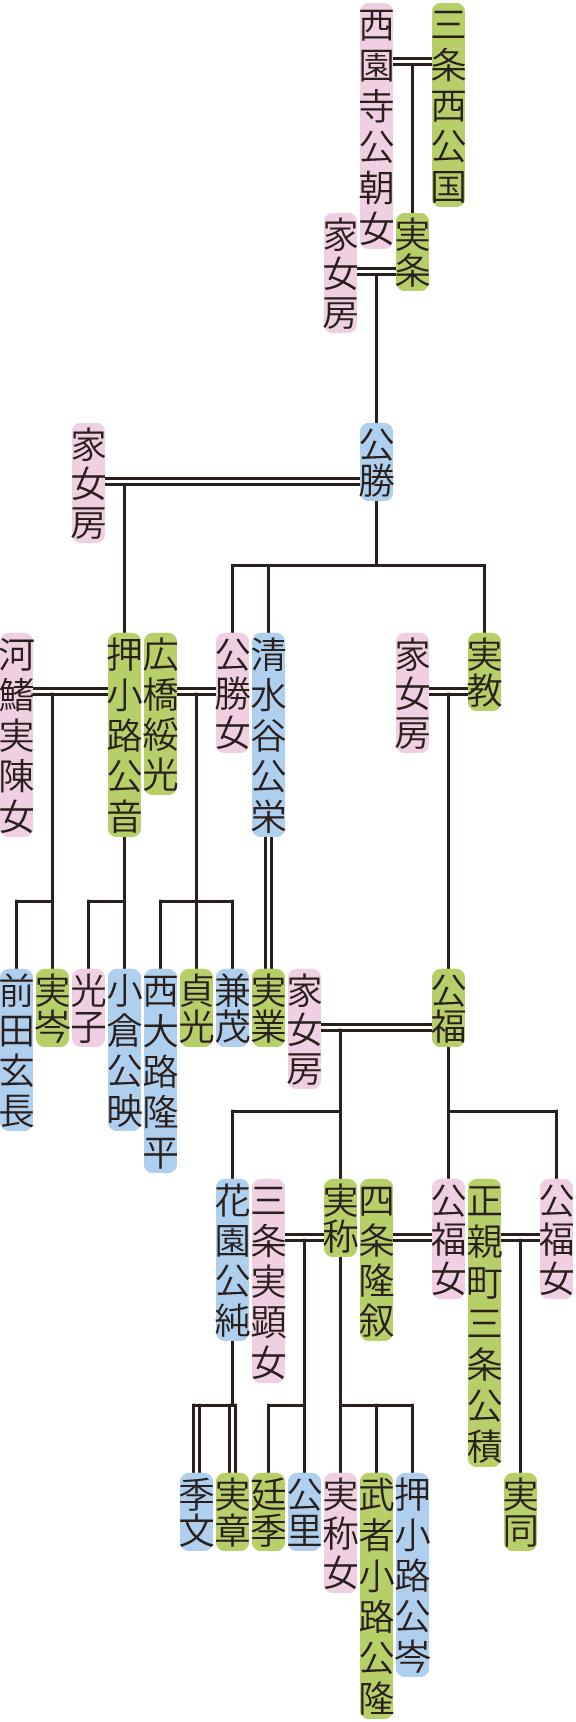 三条西公勝~公福の系図